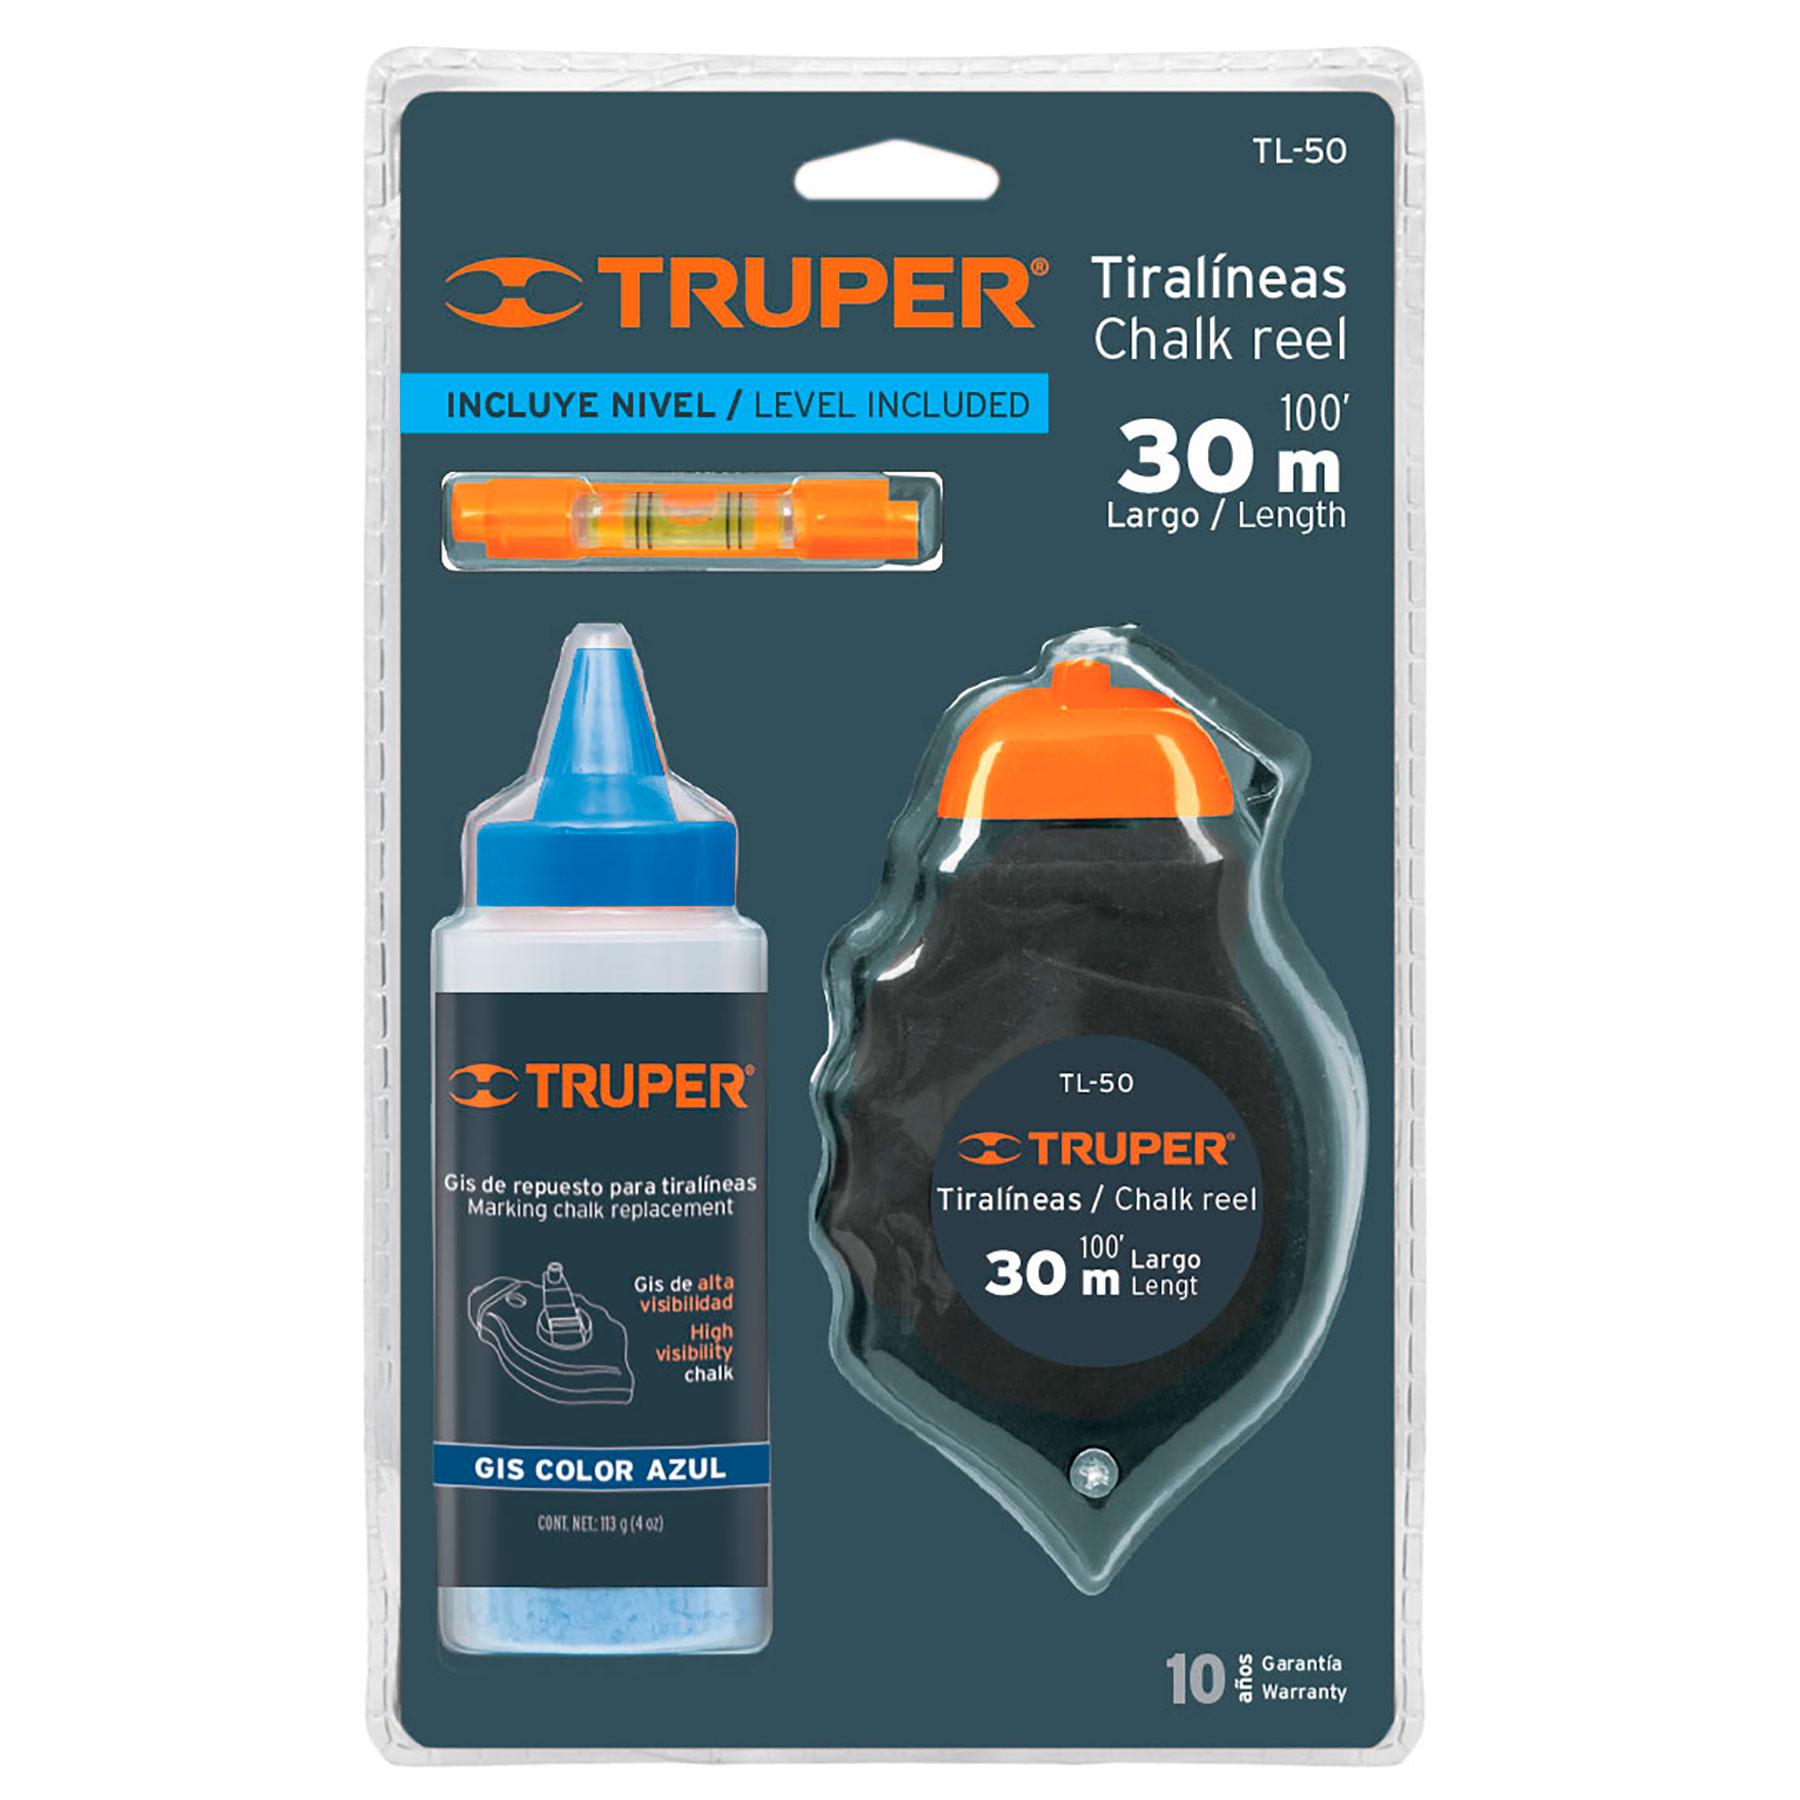 Truper - Tiralíneas 30m. cuerpo de plástico y nivel, incluye gis